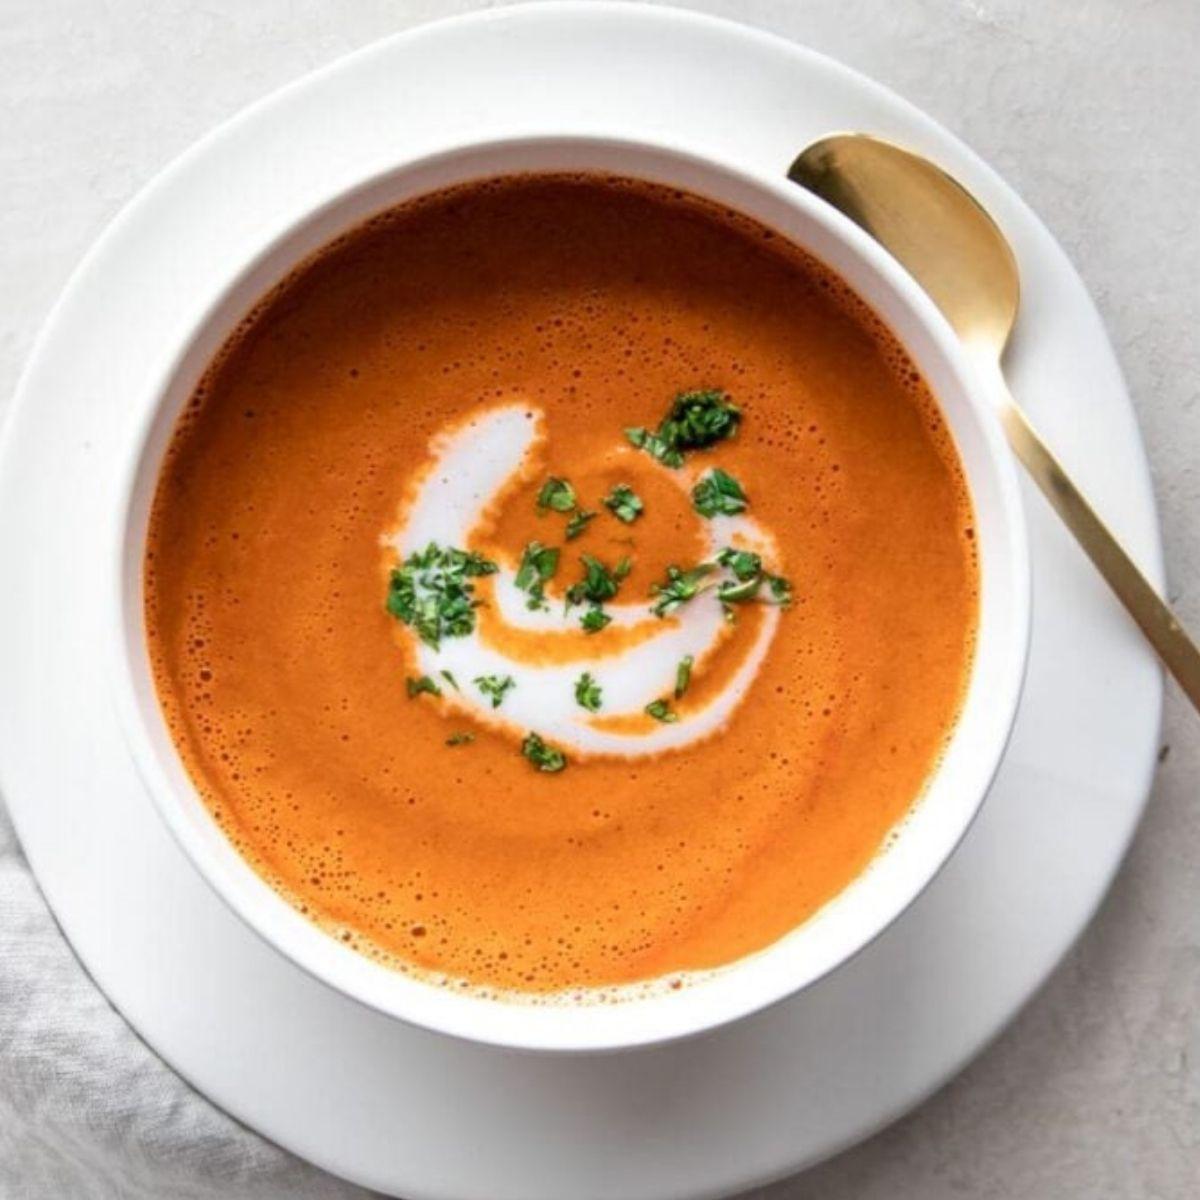 8. Tomato Soup Shots